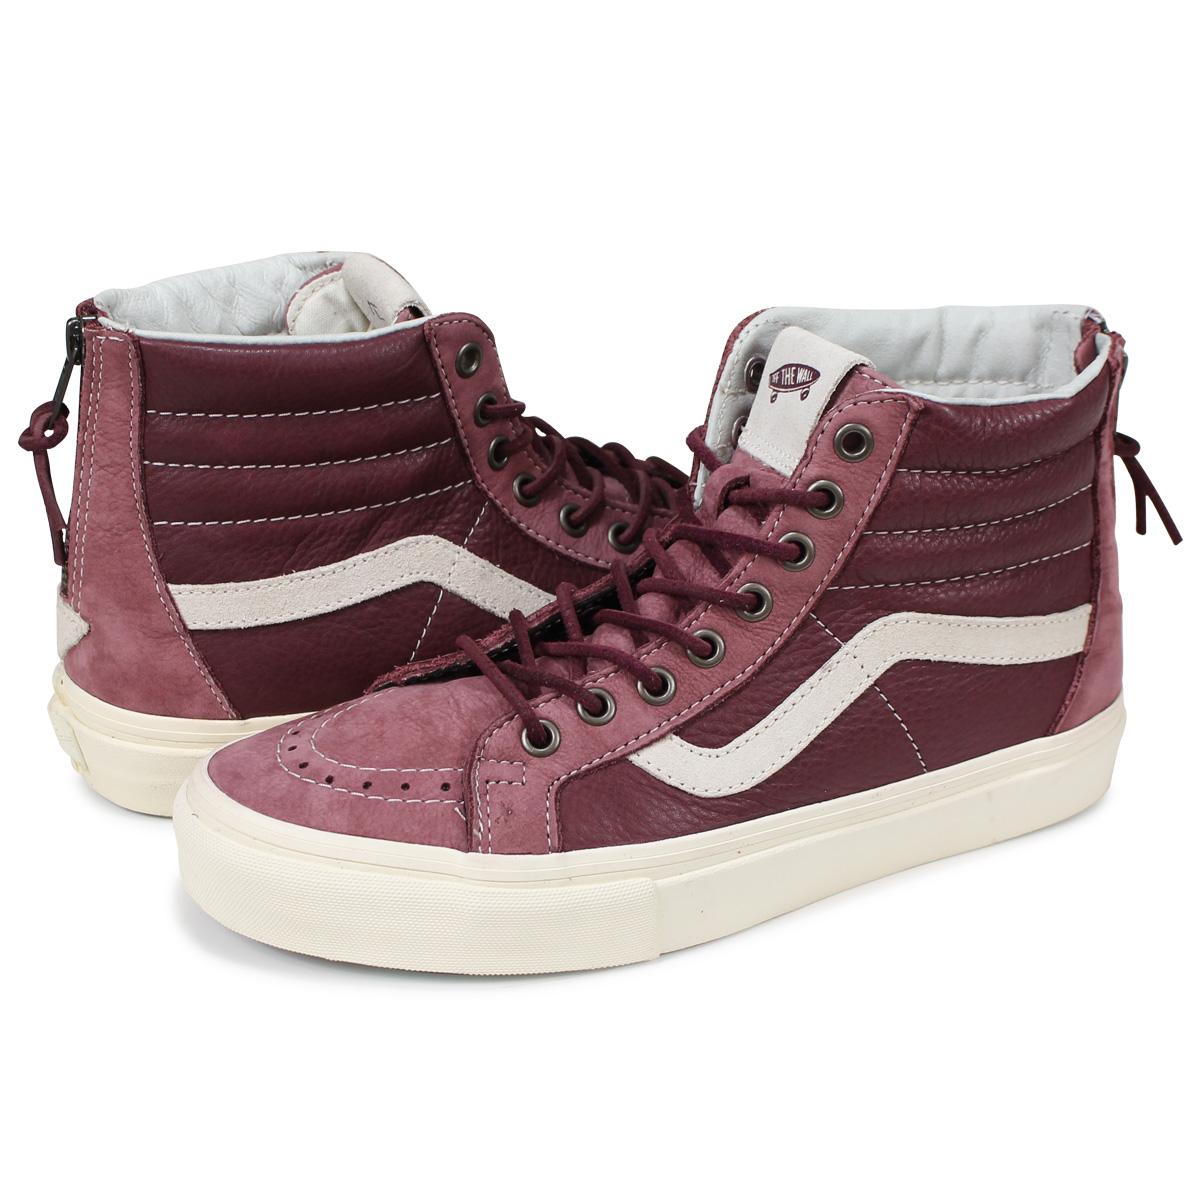 VANS SK8-HI VAULT REISSUE ZIP LX sneakers men vans station wagons skating  high VN0VOMDY6 wine red [6/16 Shinnyu load]